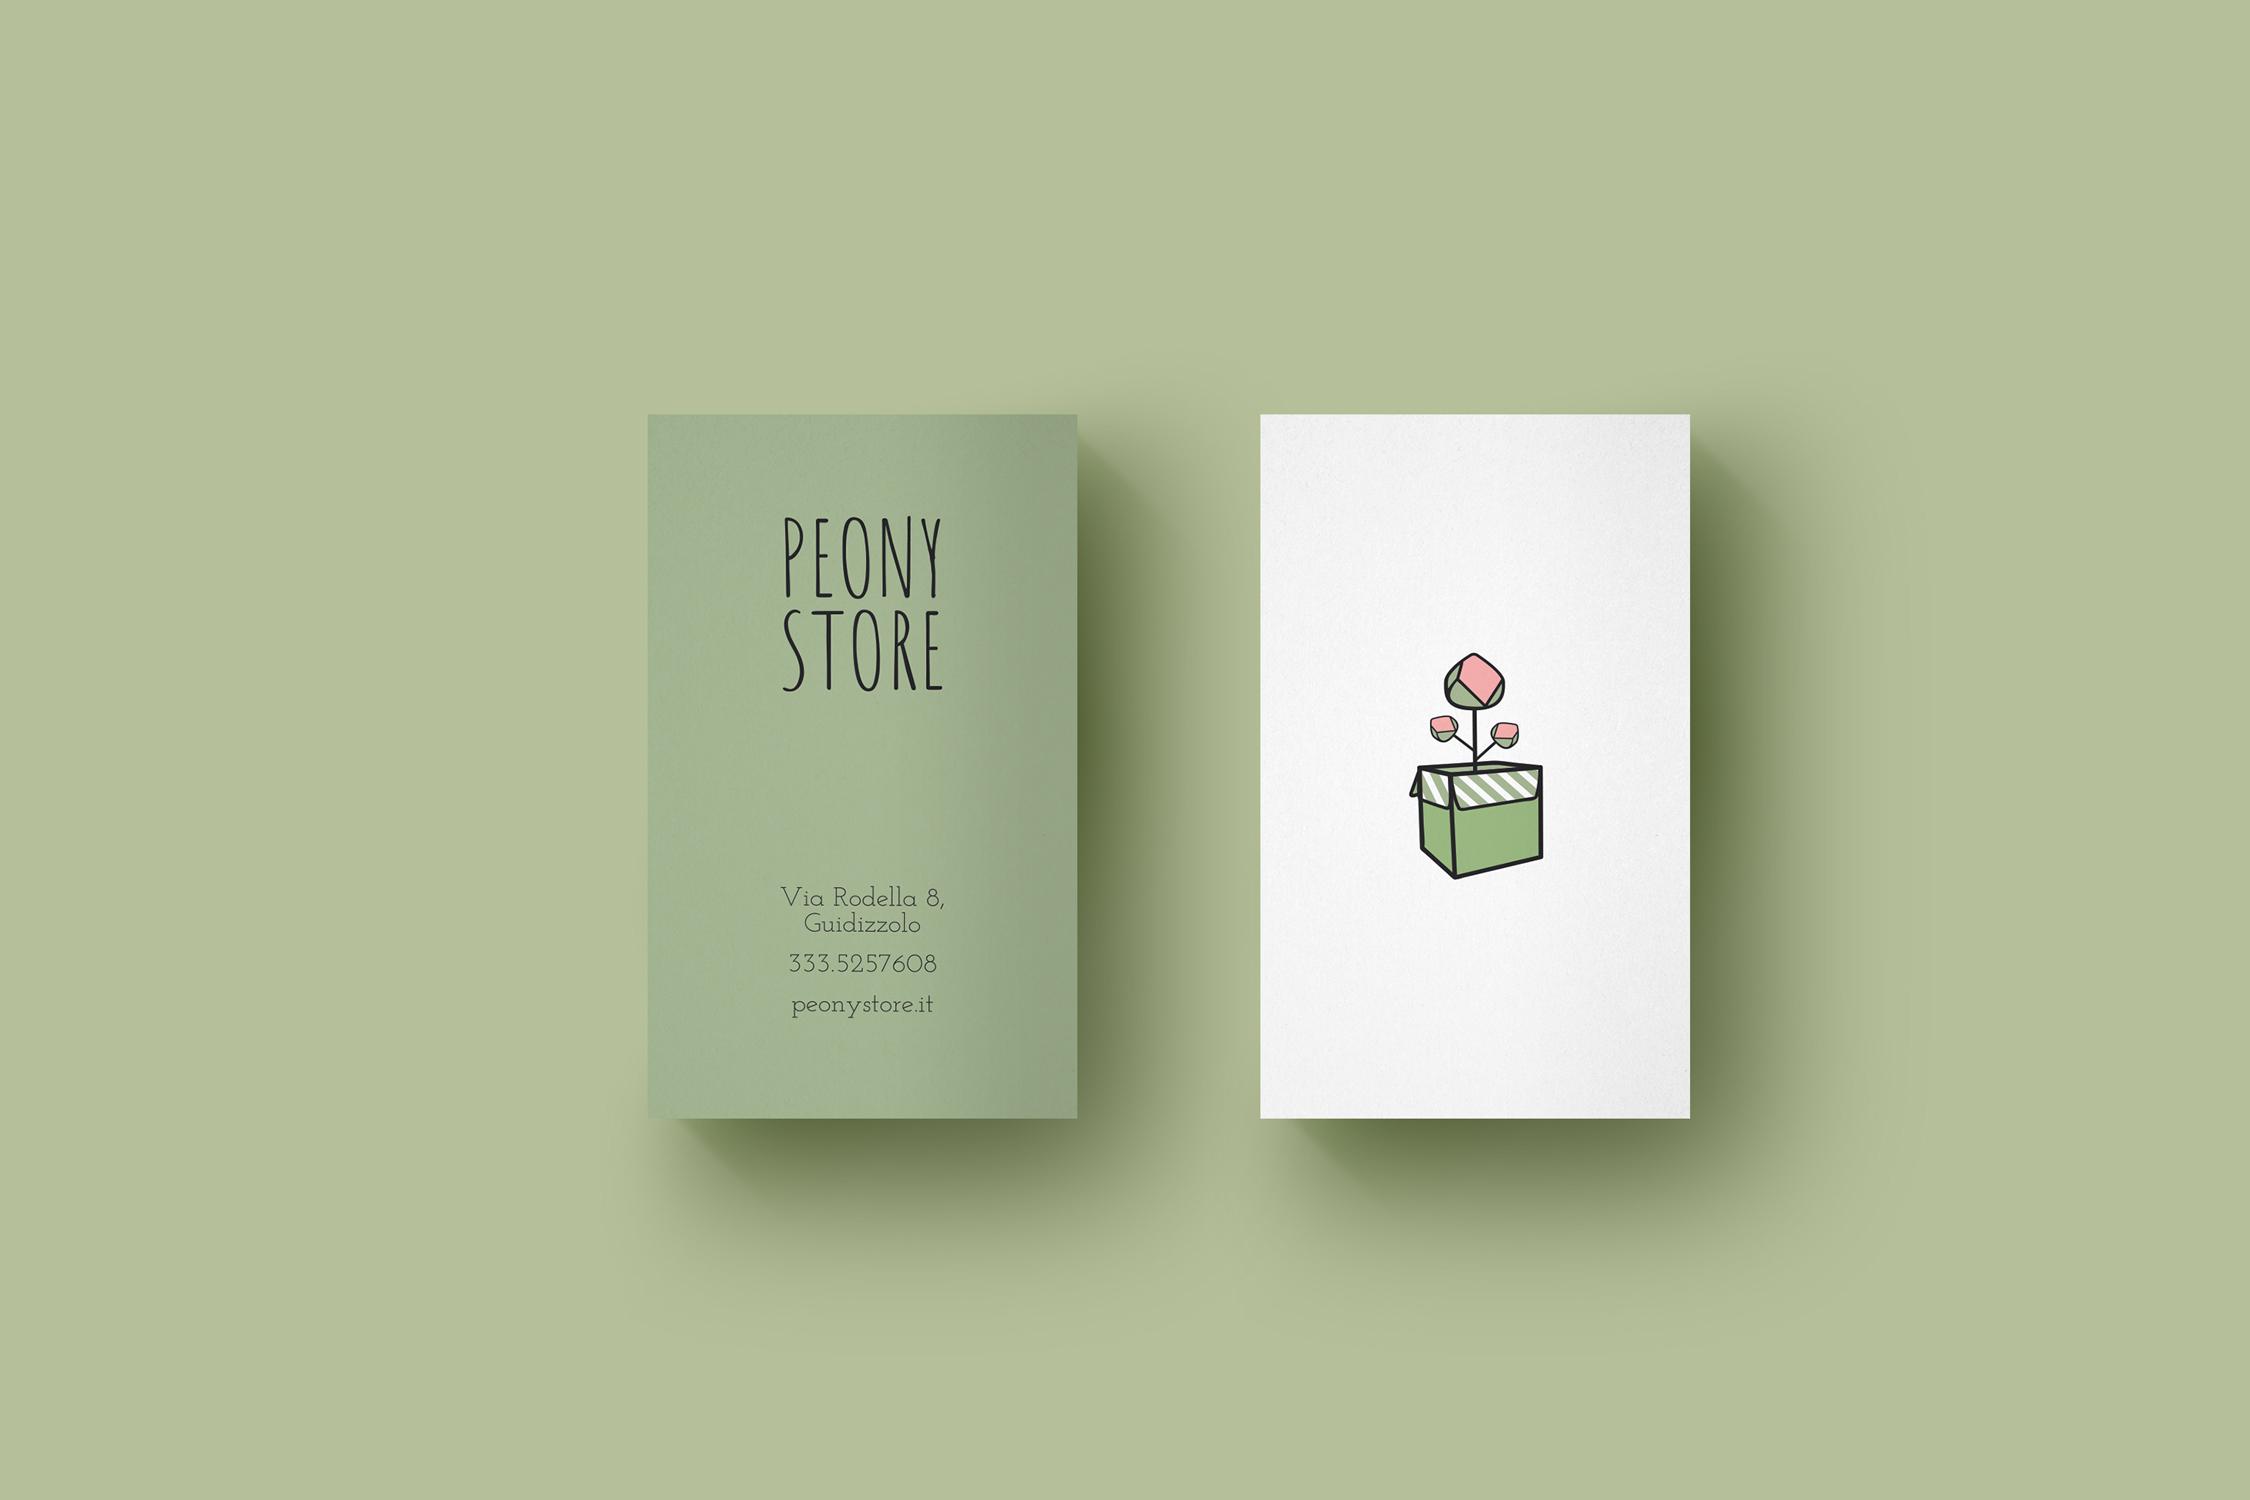 PEONY-STORE-LOGO-GRAFICA-SOCIAL-E-SITO-INTERNET-business-cards